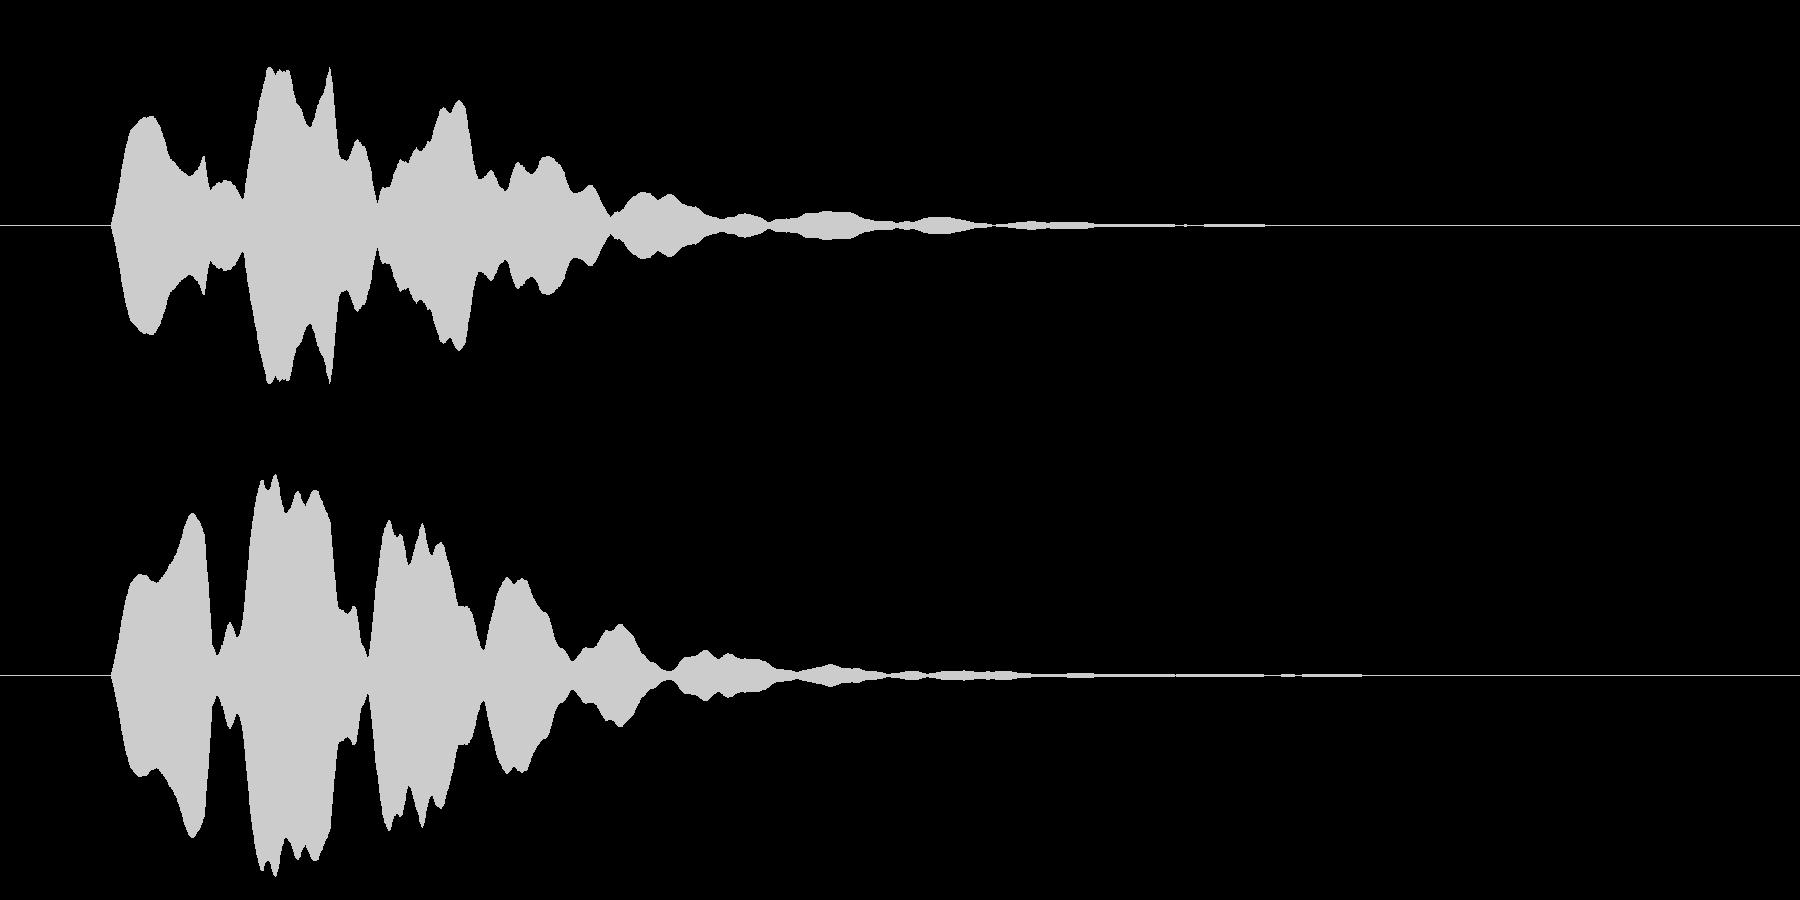 改札 ビープ音01-14(音色2 遠)の未再生の波形